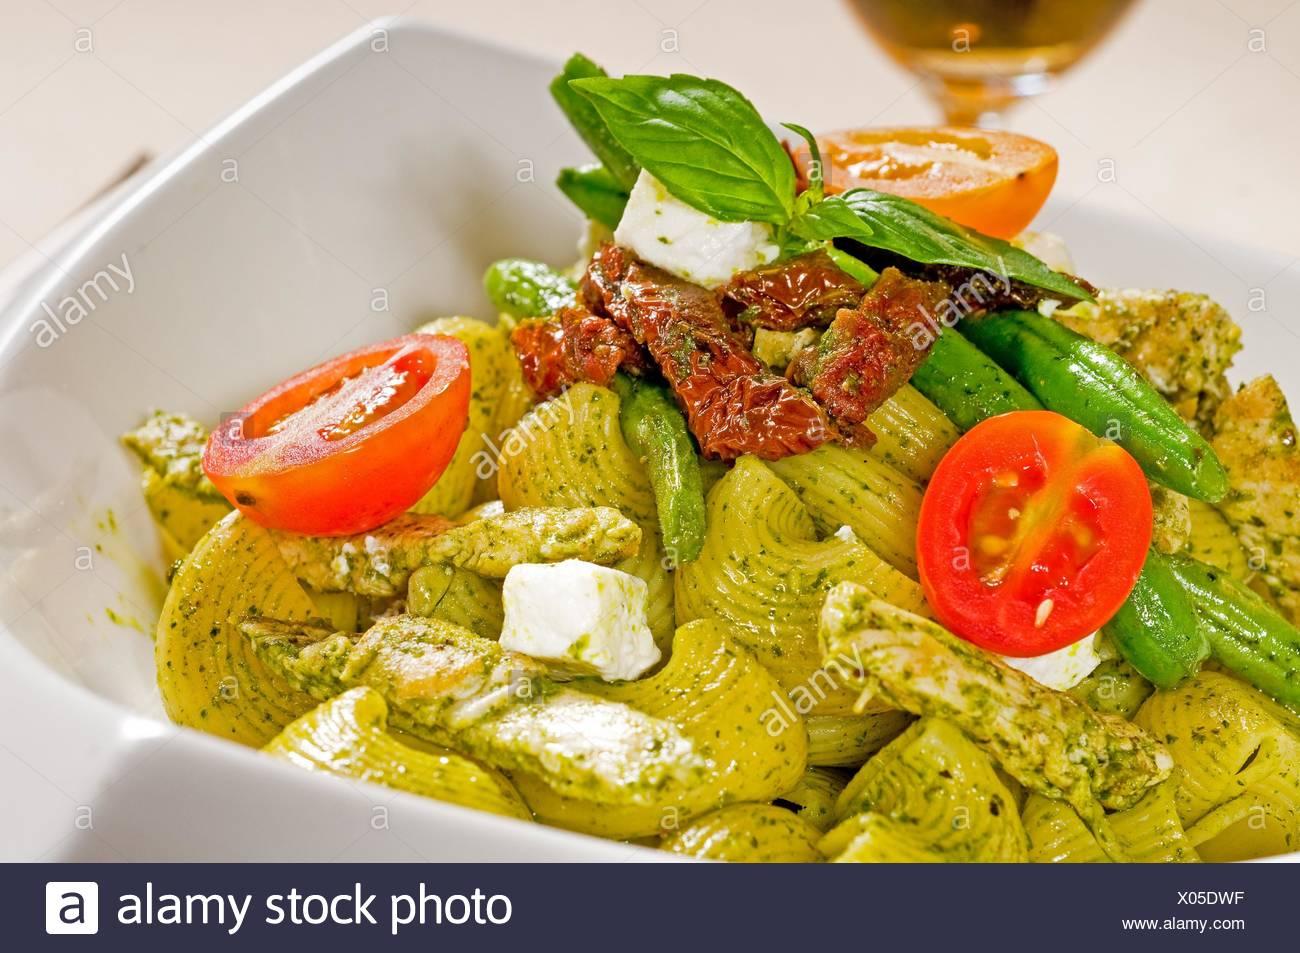 Lumaconi pasta fresca y salsa pesto con verduras y tomates secados,típica comida italiana. Imagen De Stock